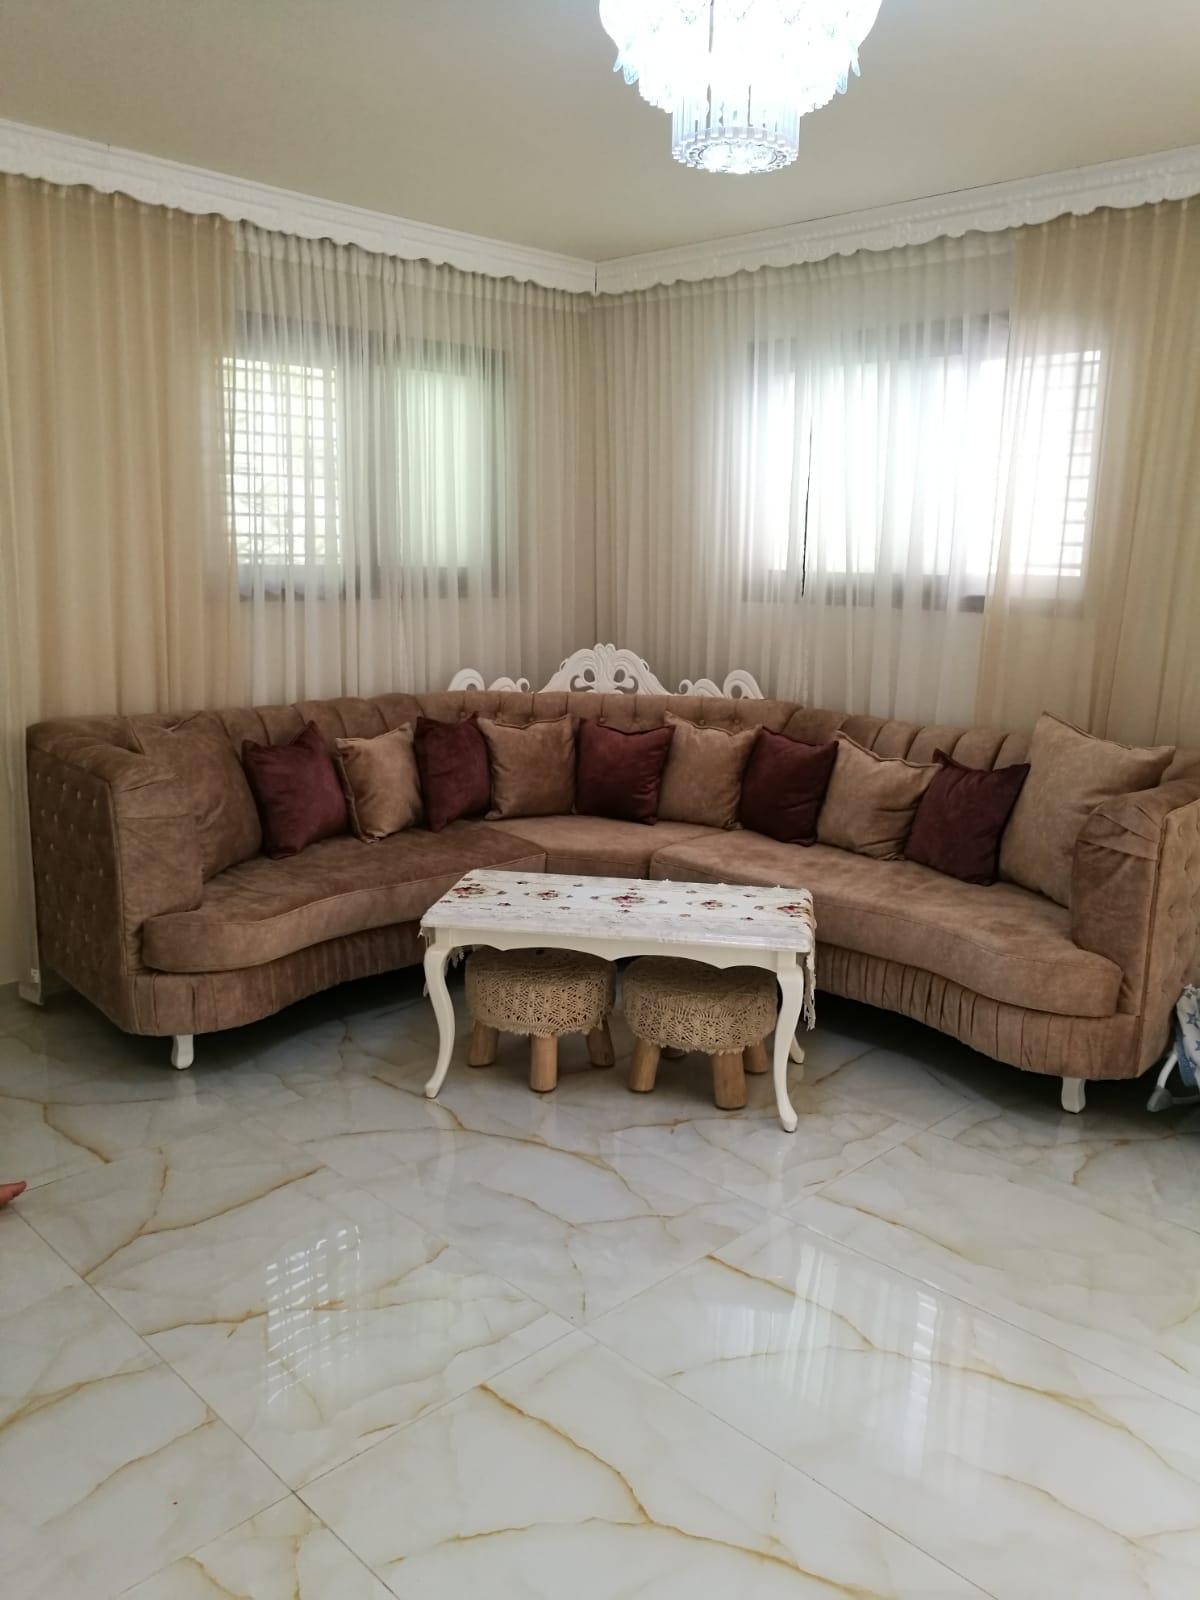 غرف نوم كاملة فقط بـ1999 شيكل - جدد عفش بيتك الآن من مفروشات المصنع بيافا